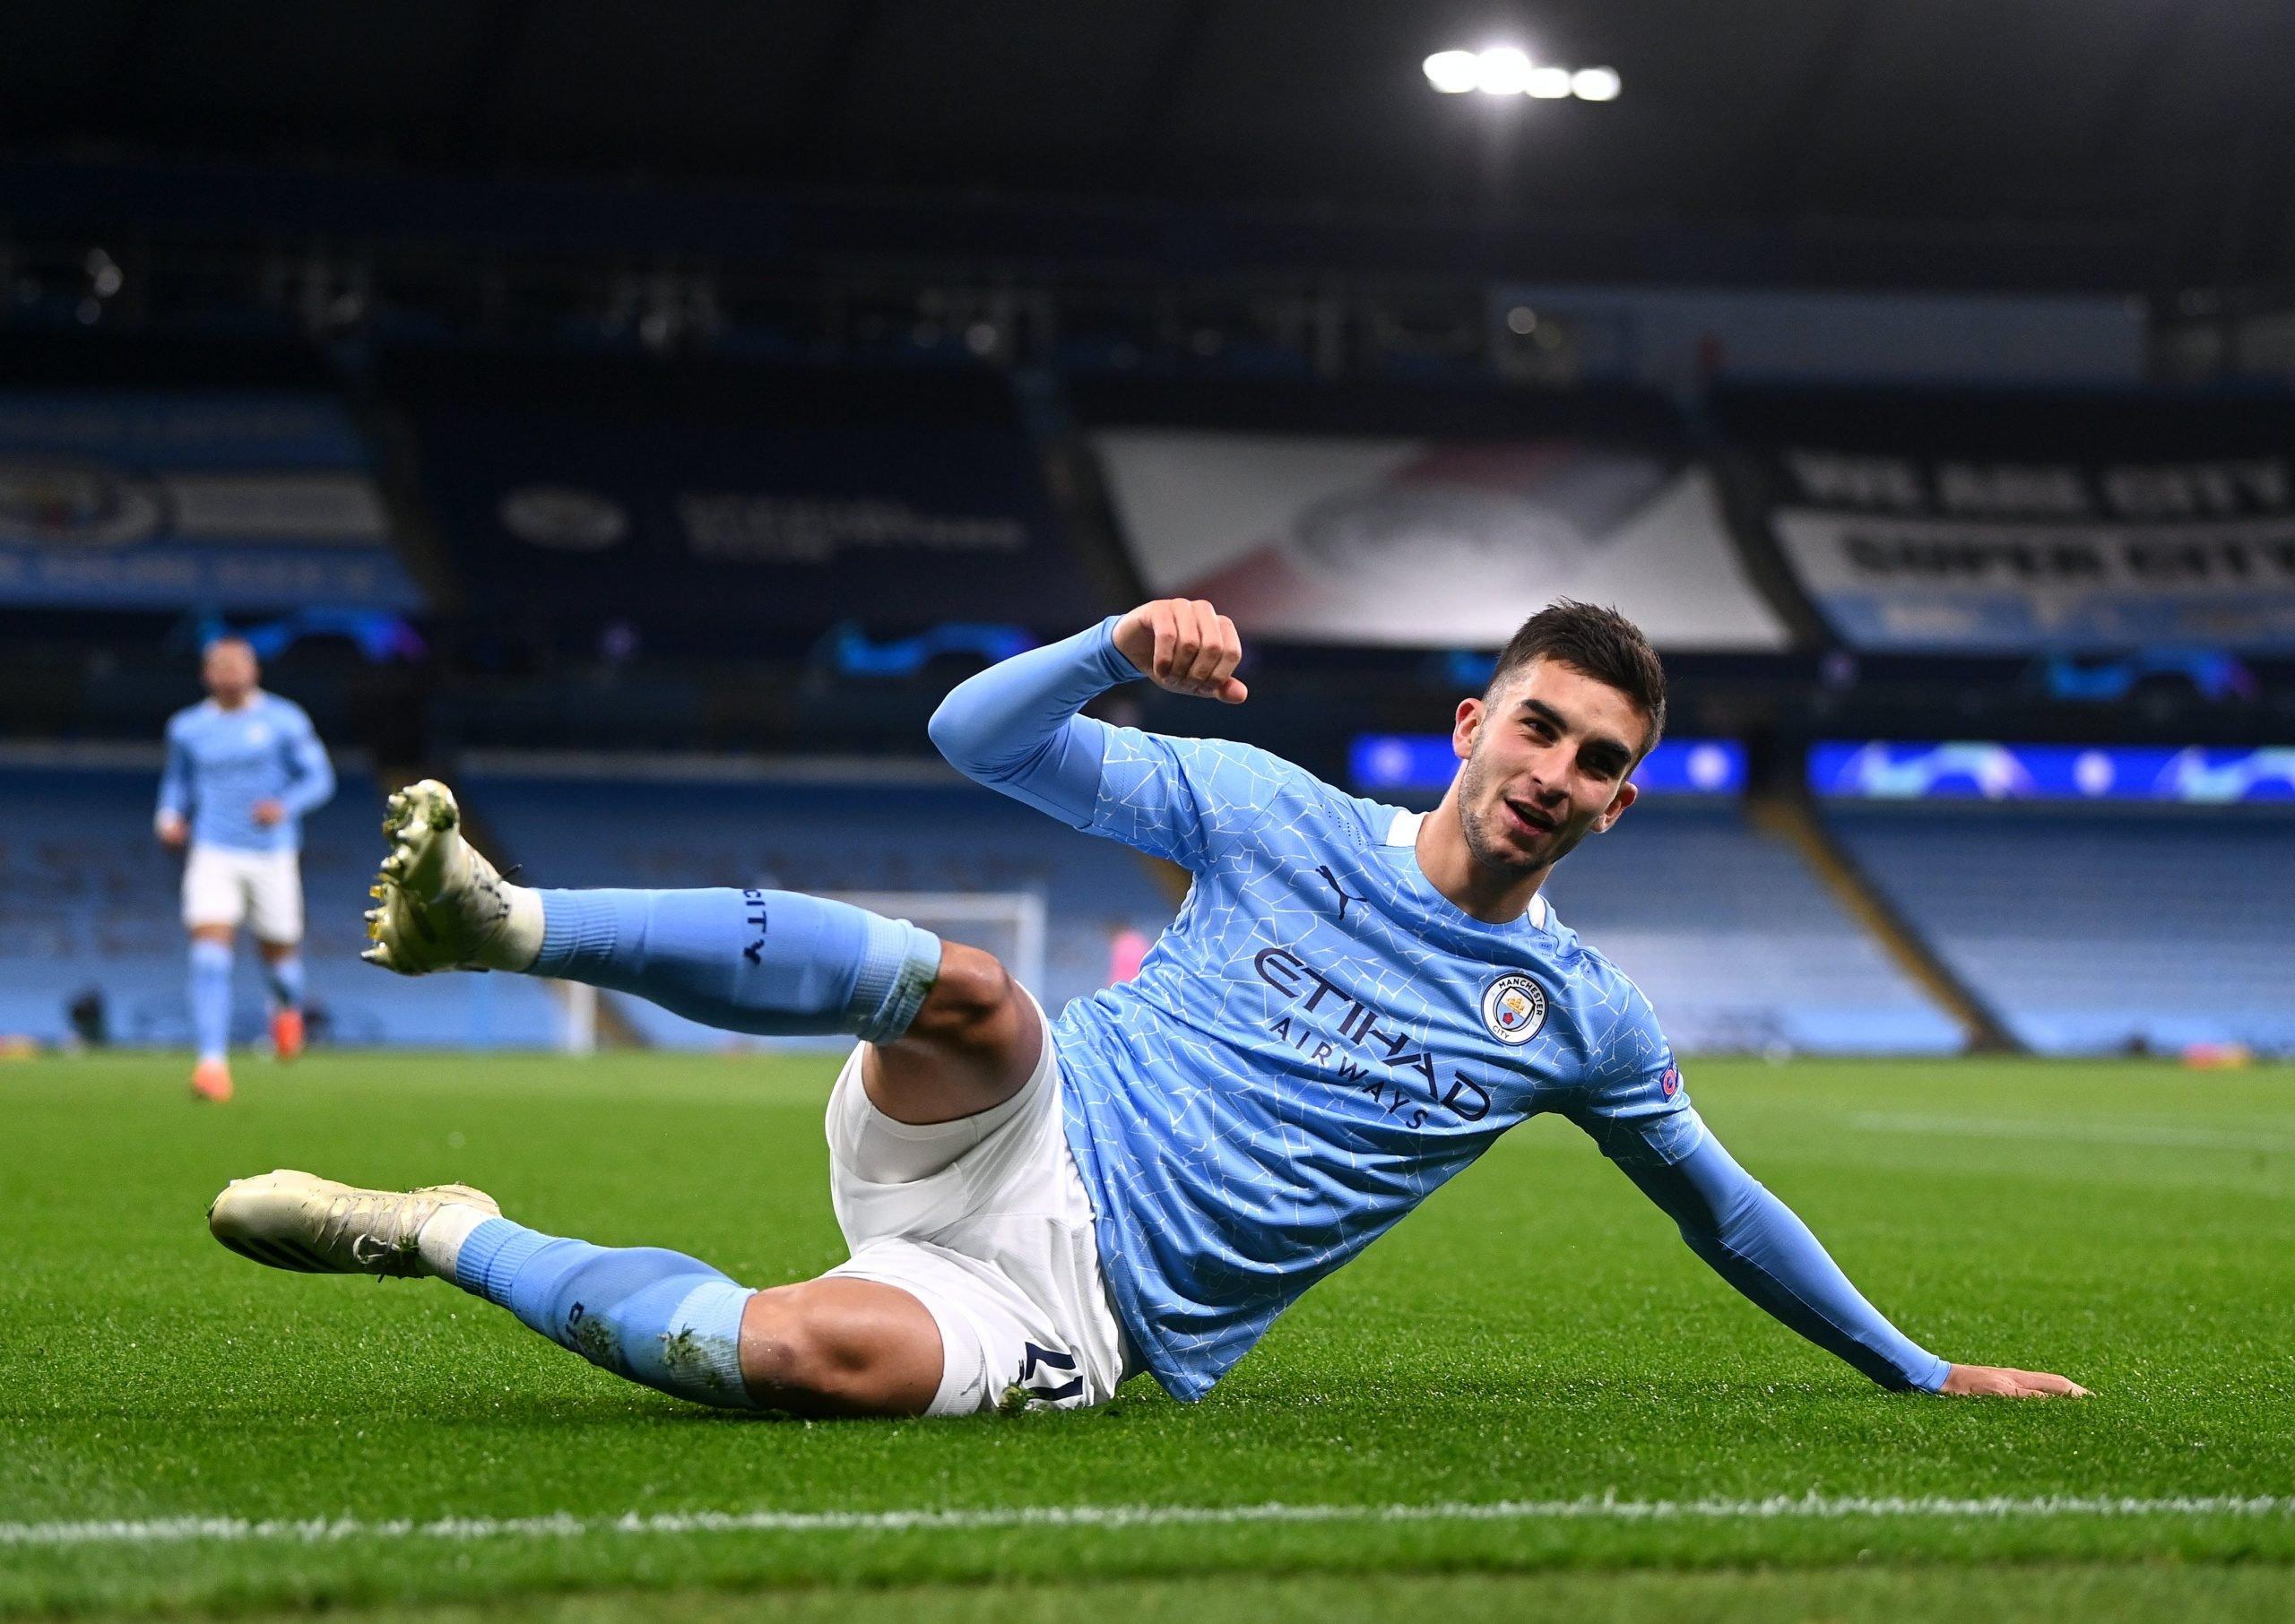 «Олимпиакос» — «Манчестер Сити»: прогноз и ставка Ильи Казакова